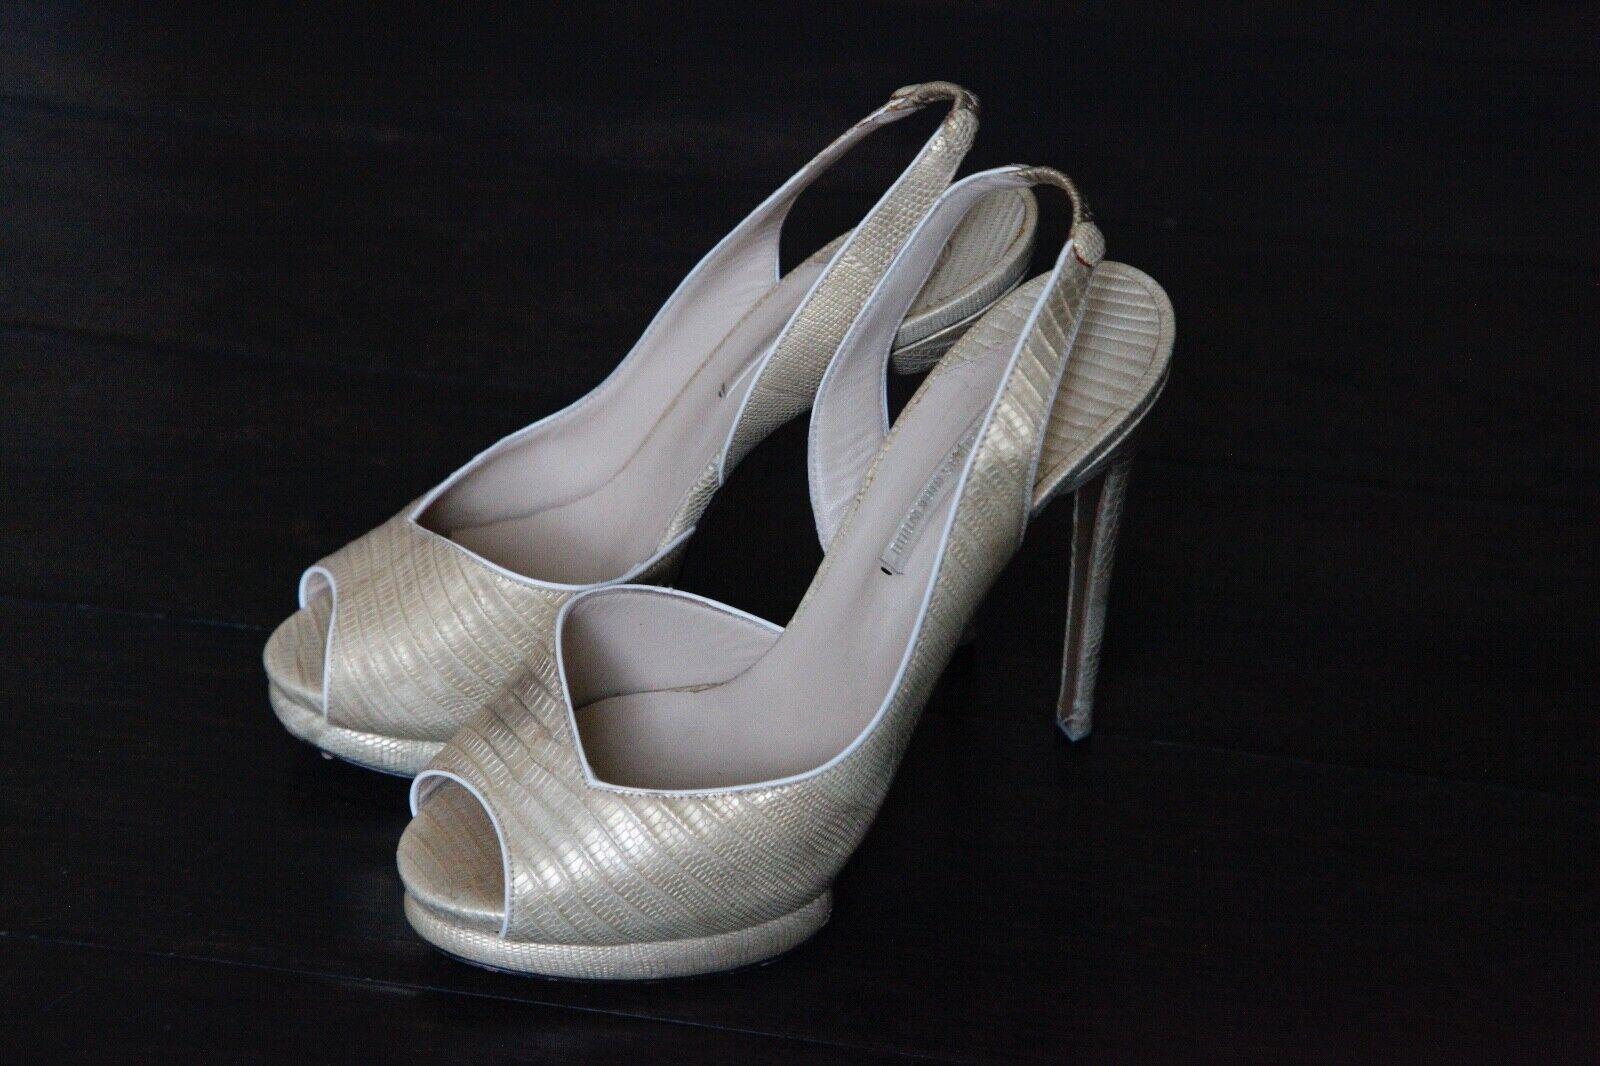 Nicholas Kirkwood - peep toes - 5 5 5 inch heels with platform - size 38.5 -UK 5.5 6574ef